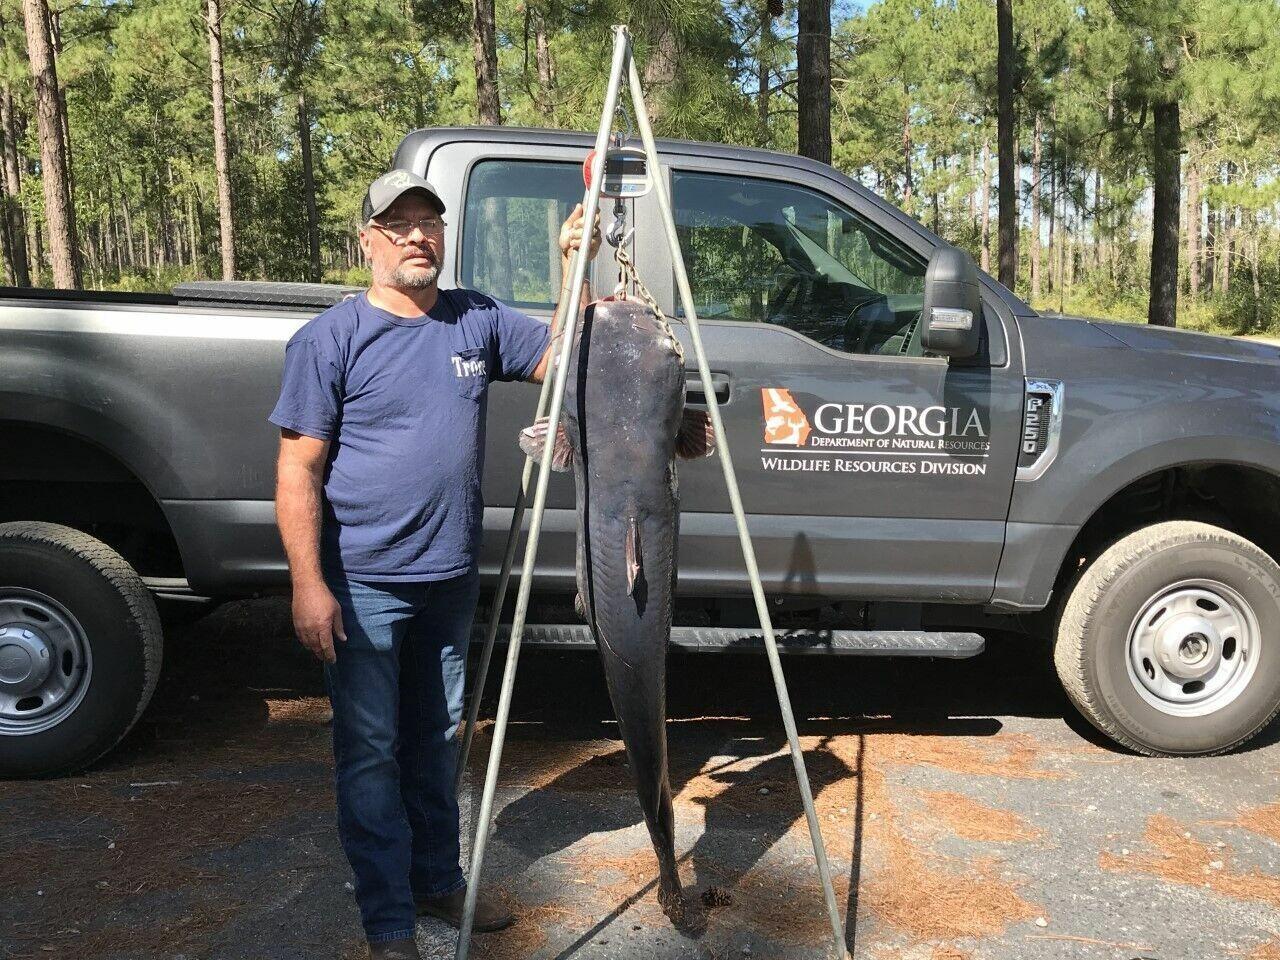 Новий рекордсмен штату: рибалка зловив сома вагою 50 кілограм (фото) - фото 2